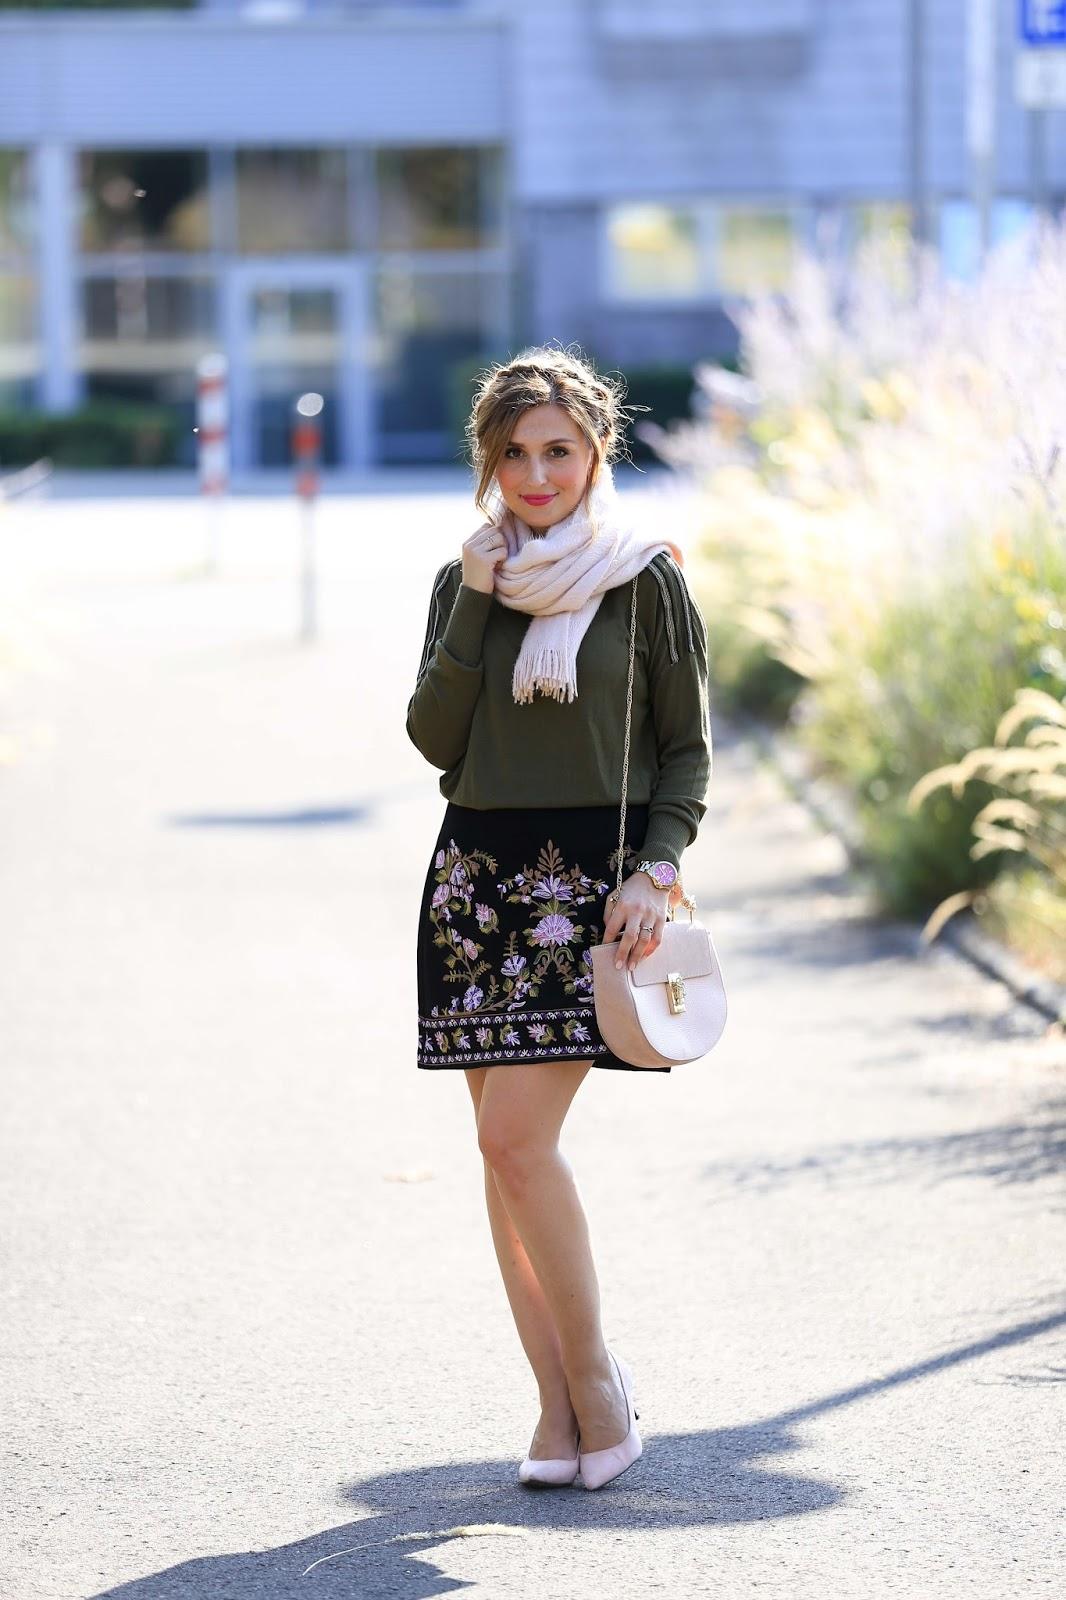 German Fashionblogger Oasis Rock - Zara Schuhe - Rosa Pumps - Rosa High Heels - Wildlederschuhe - Rosa Schuhe kombinieren - Chloe Tasche Blogger - Blogger aus Deutschland